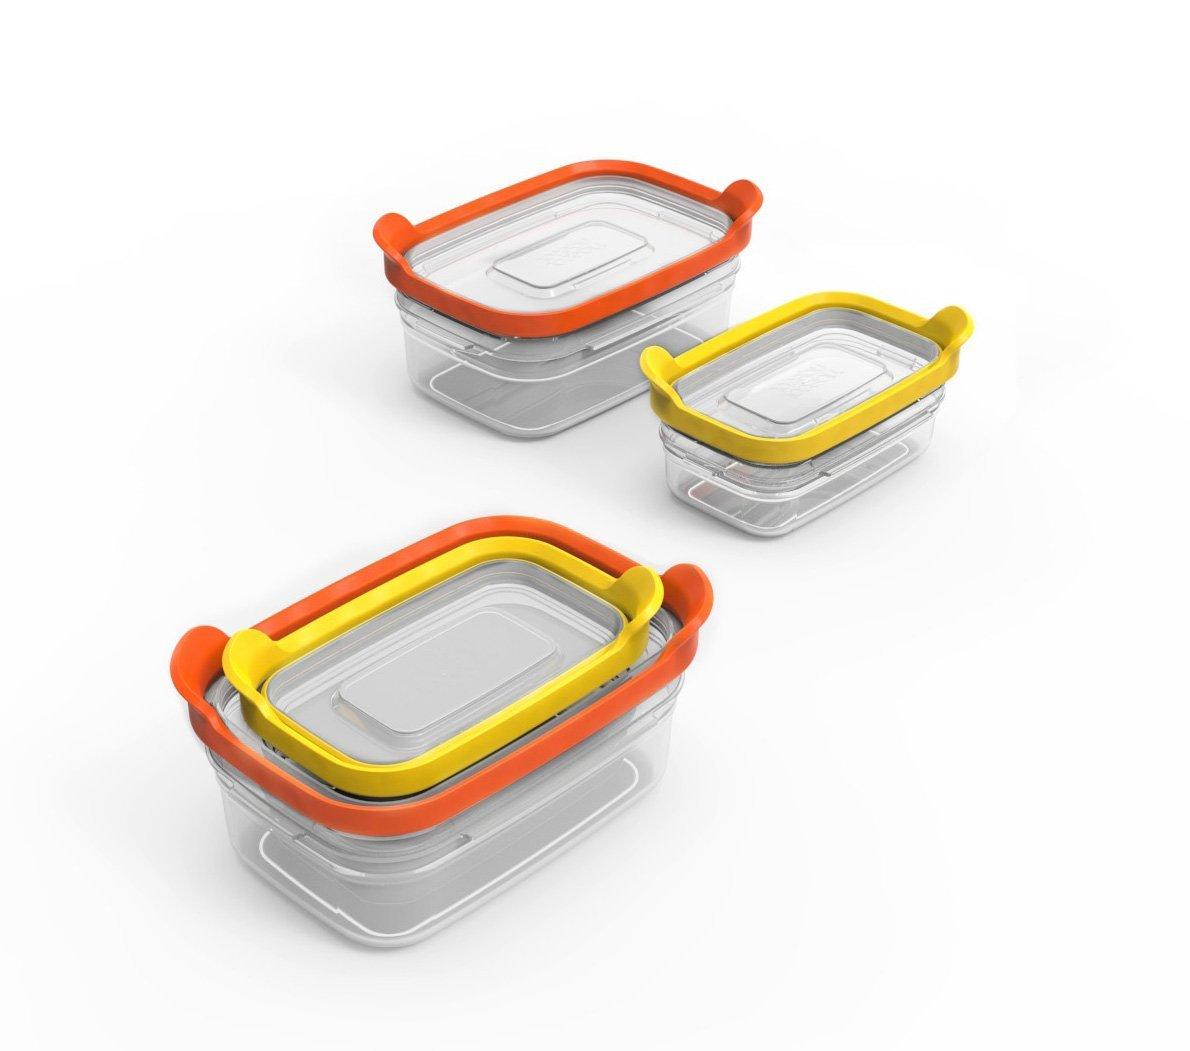 Набор контейнеров для хранения продуктов Joseph Joseph nest, прямоугольные, 0,2 и 0,5 л, 2 предмета Joseph Joseph 81012 фото 4